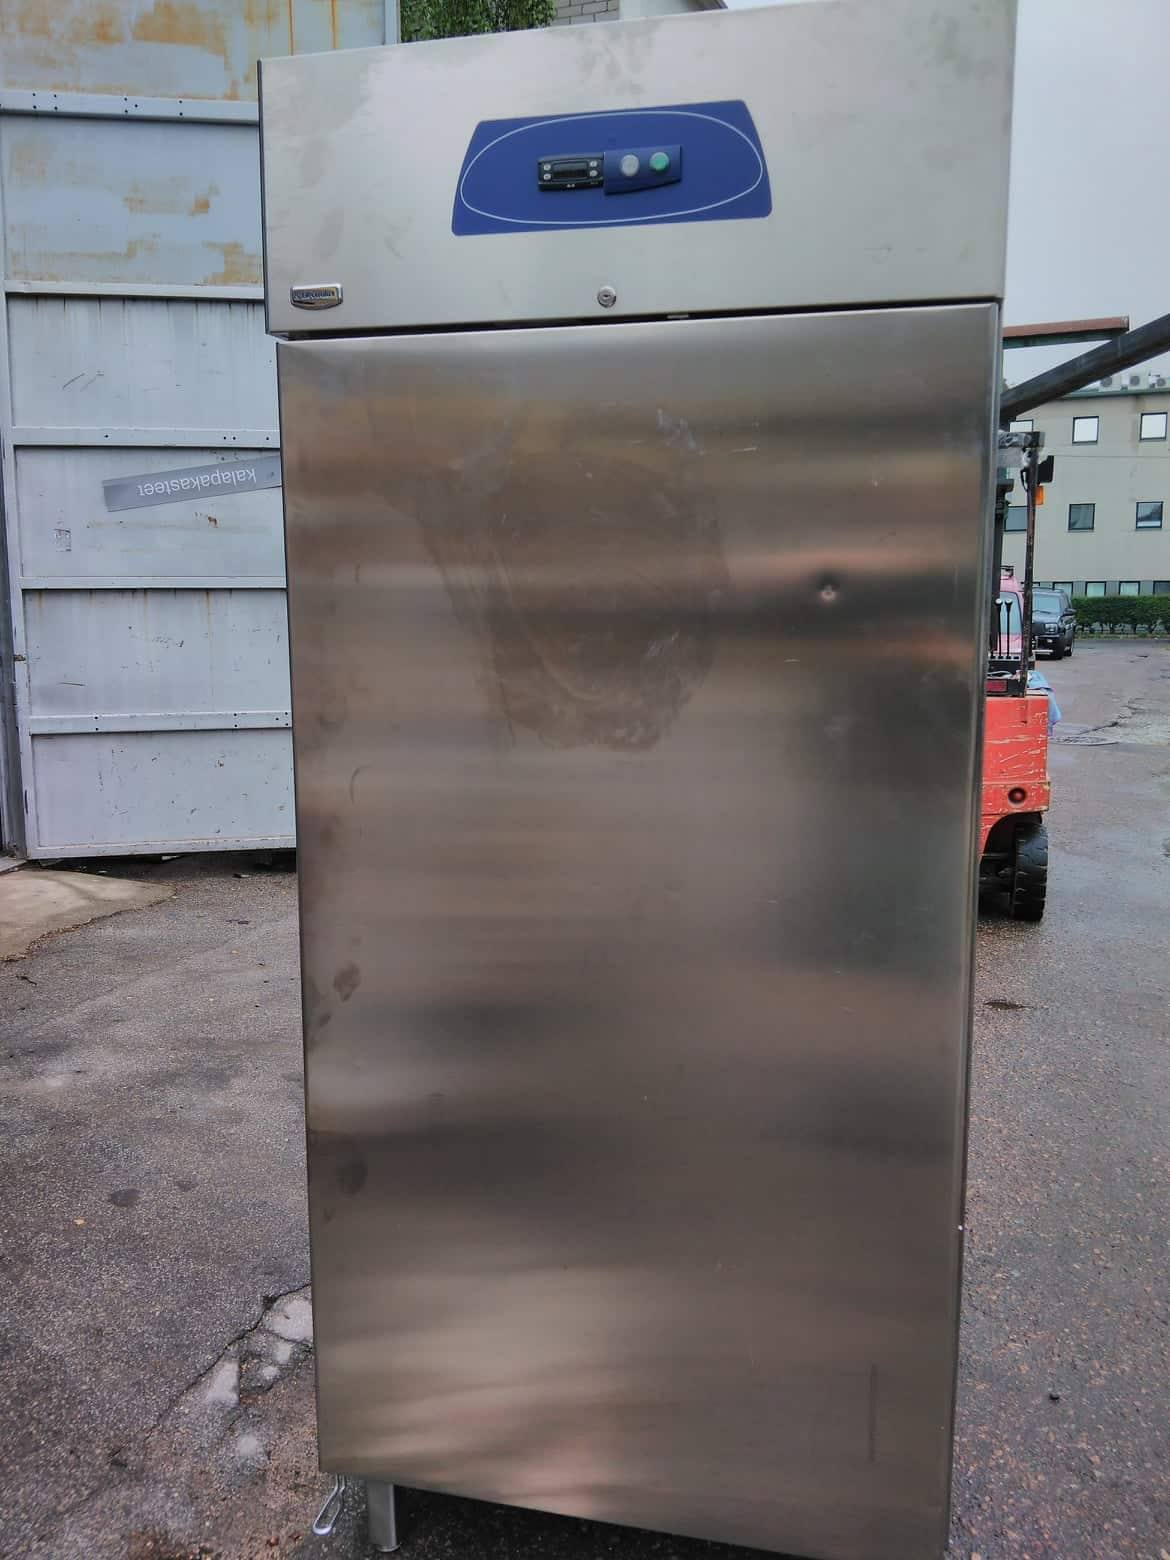 029e681de91 RST külmik Electrolux PR06R1F - Kreutz OÜ - Külmseadmed ja ...